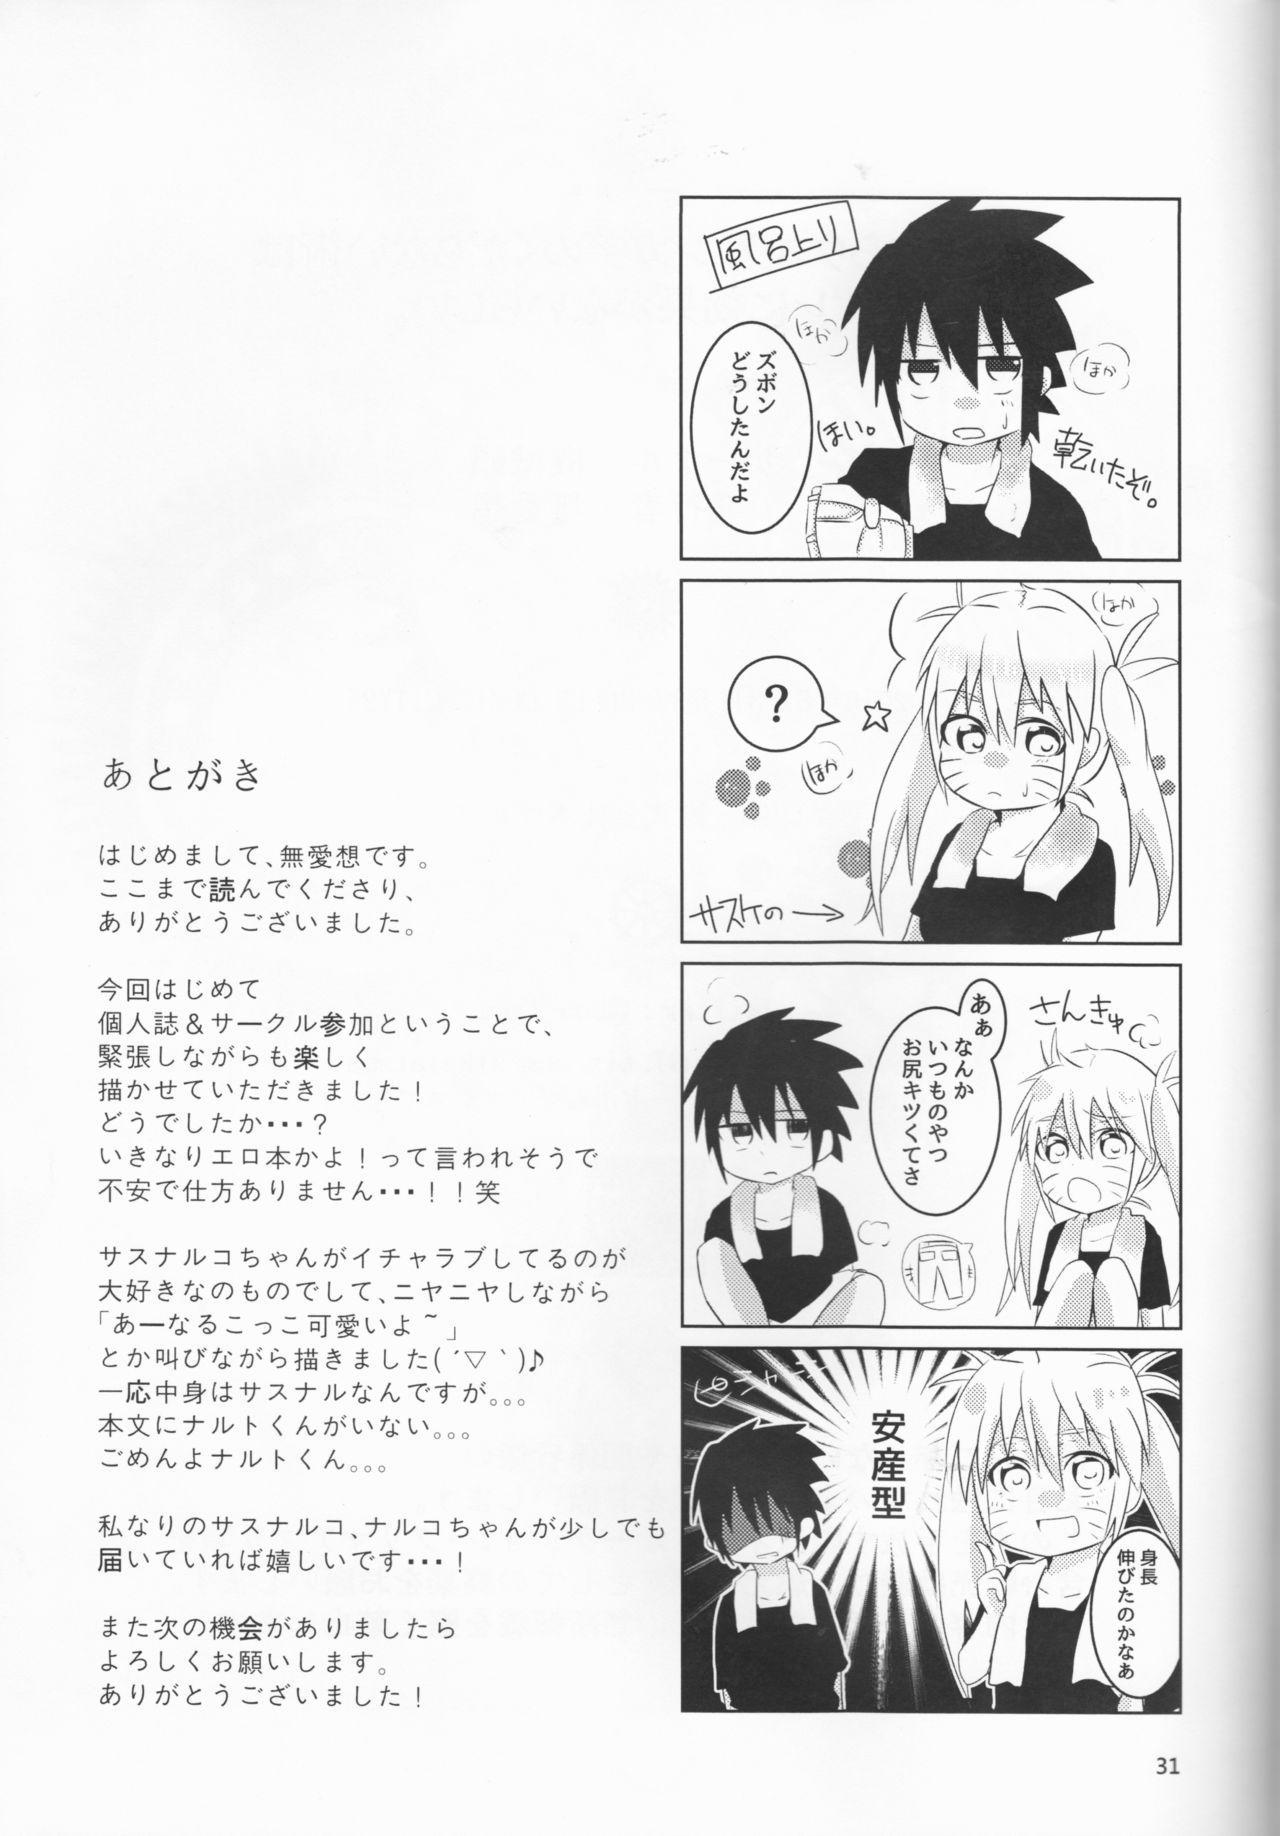 Douyara Usuratonkachi no Kudaranai Jutsu wa Ore ni Kouka ga Nai rashii. 30